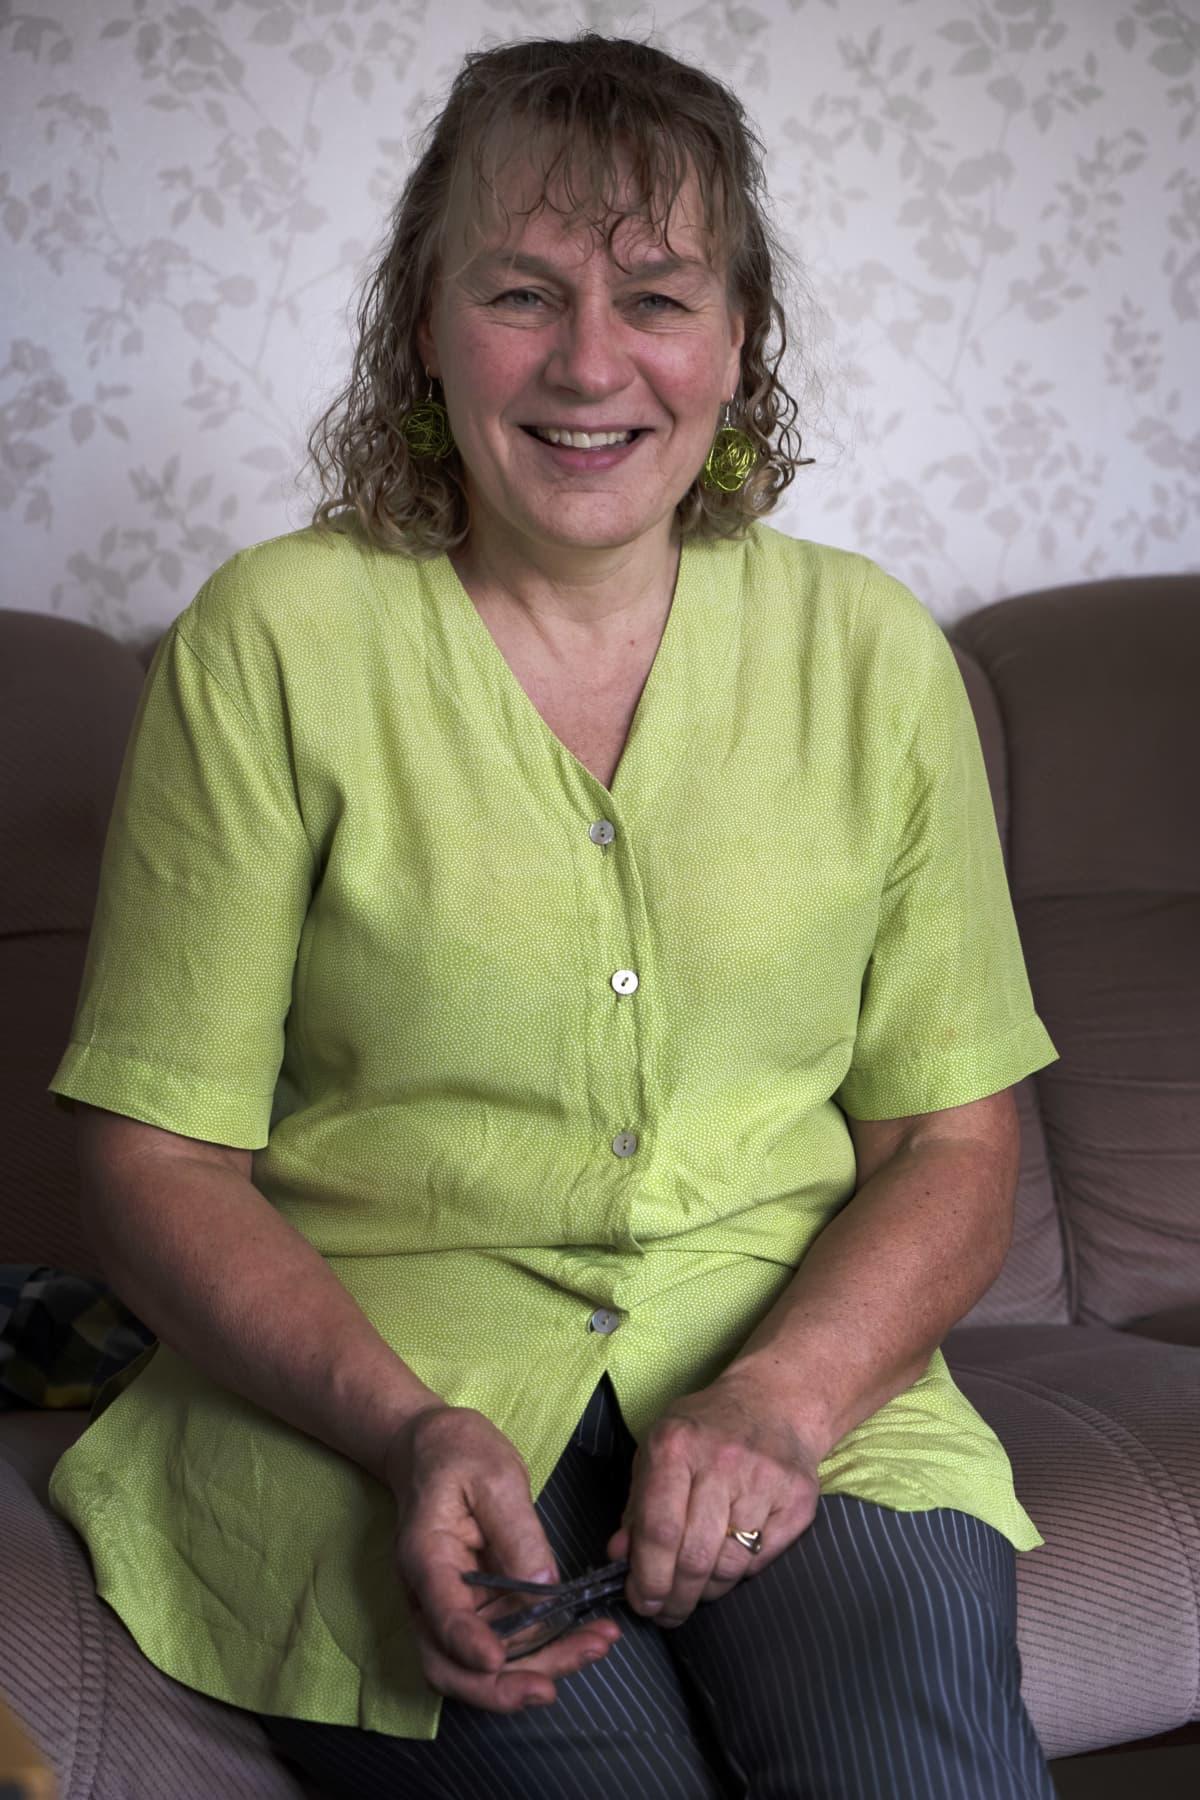 Brottaren Arvi Savolainens mamma Elina är iklädd en grön skjorta och sitter i en soffa. Hon skrattar.